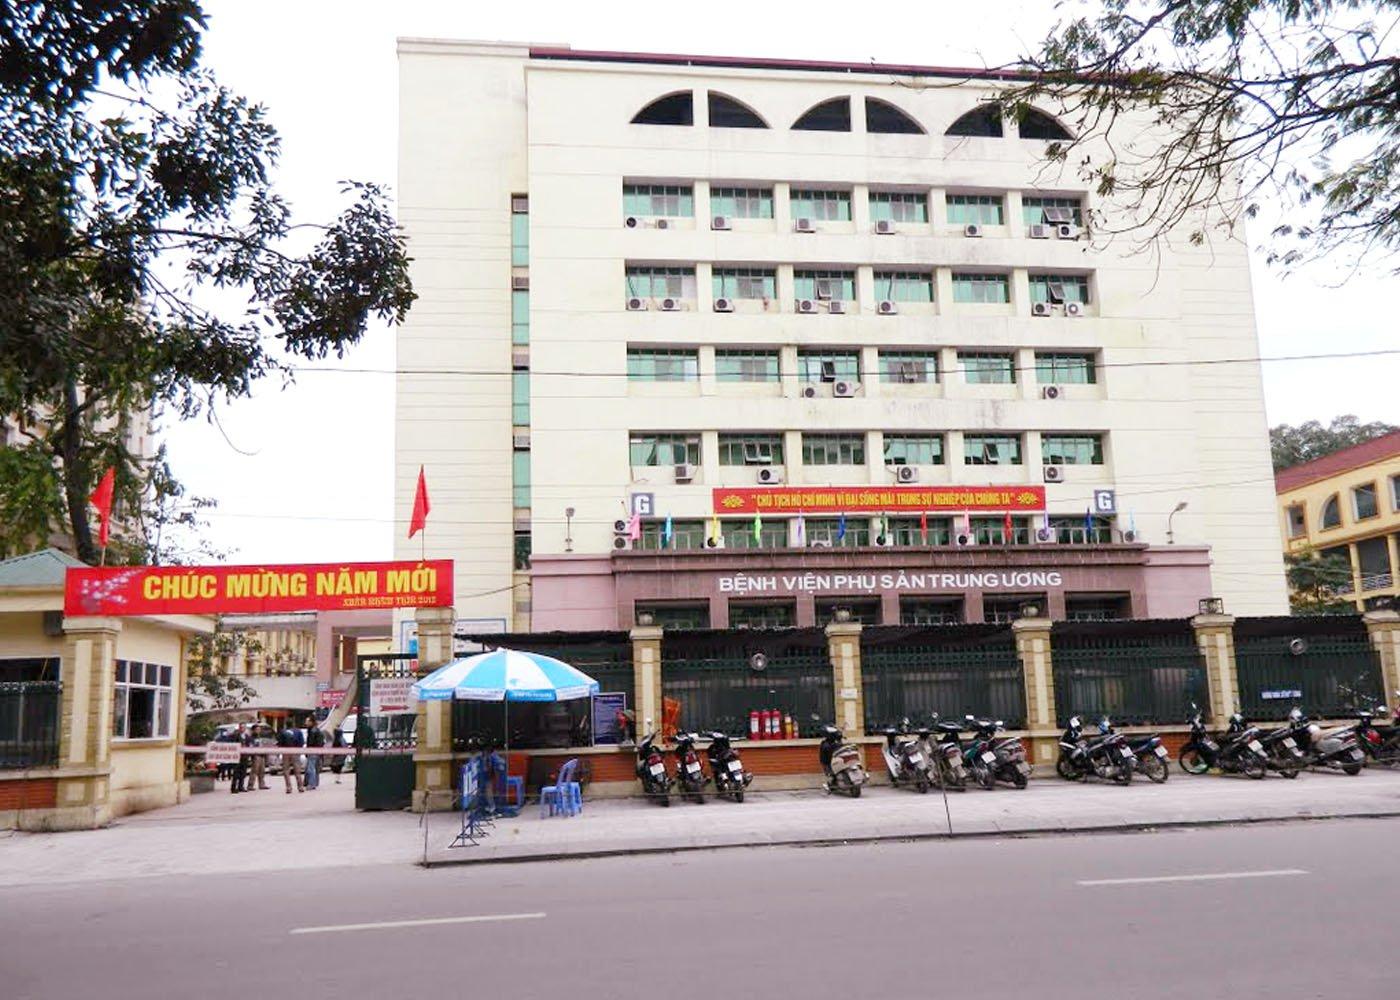 khám nam khoa ở bệnh viện phụ sản trung ương Hà Nội